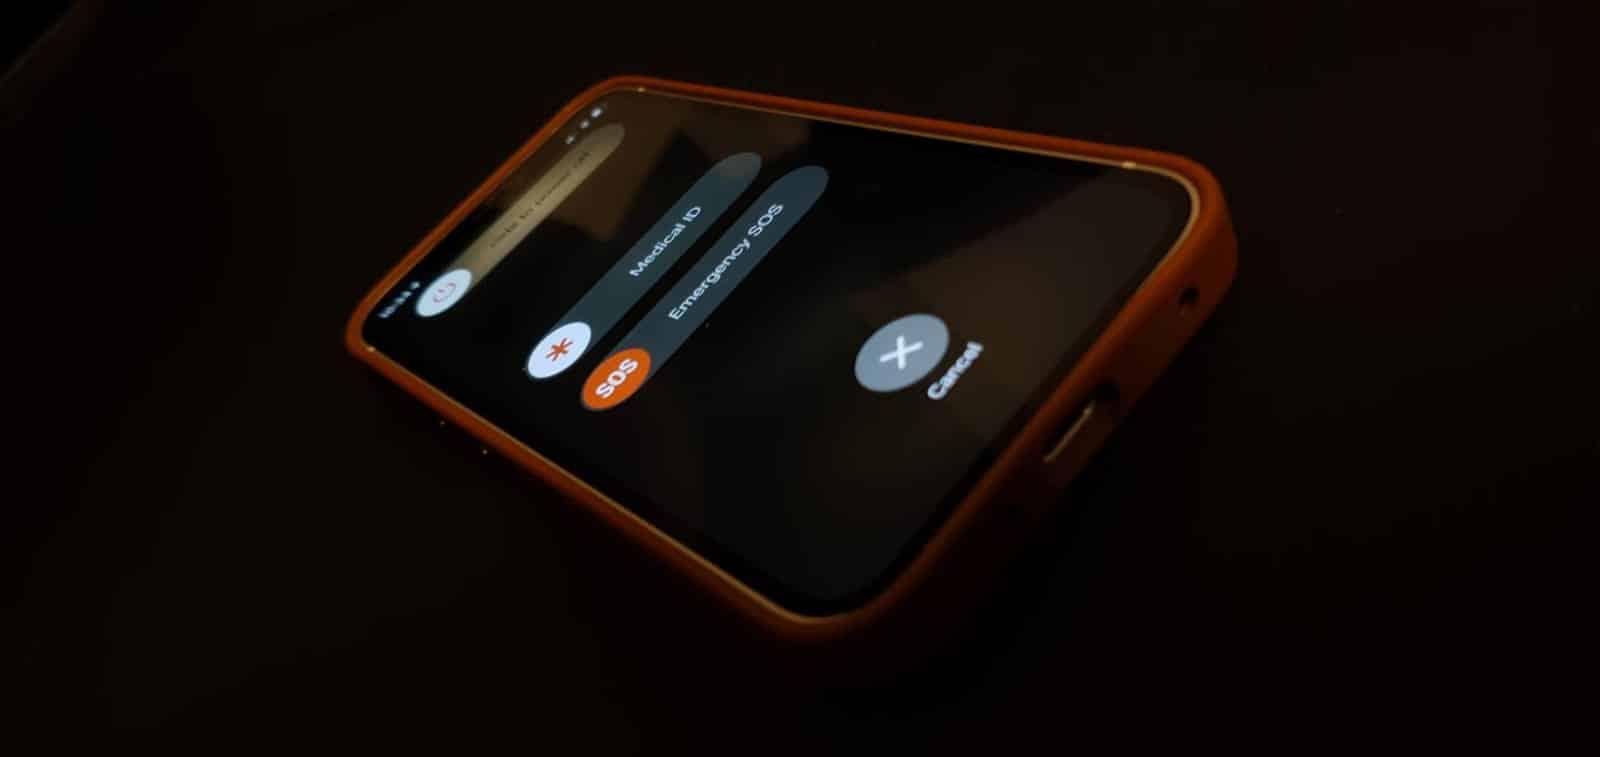 turn off the iPhone 12 mini